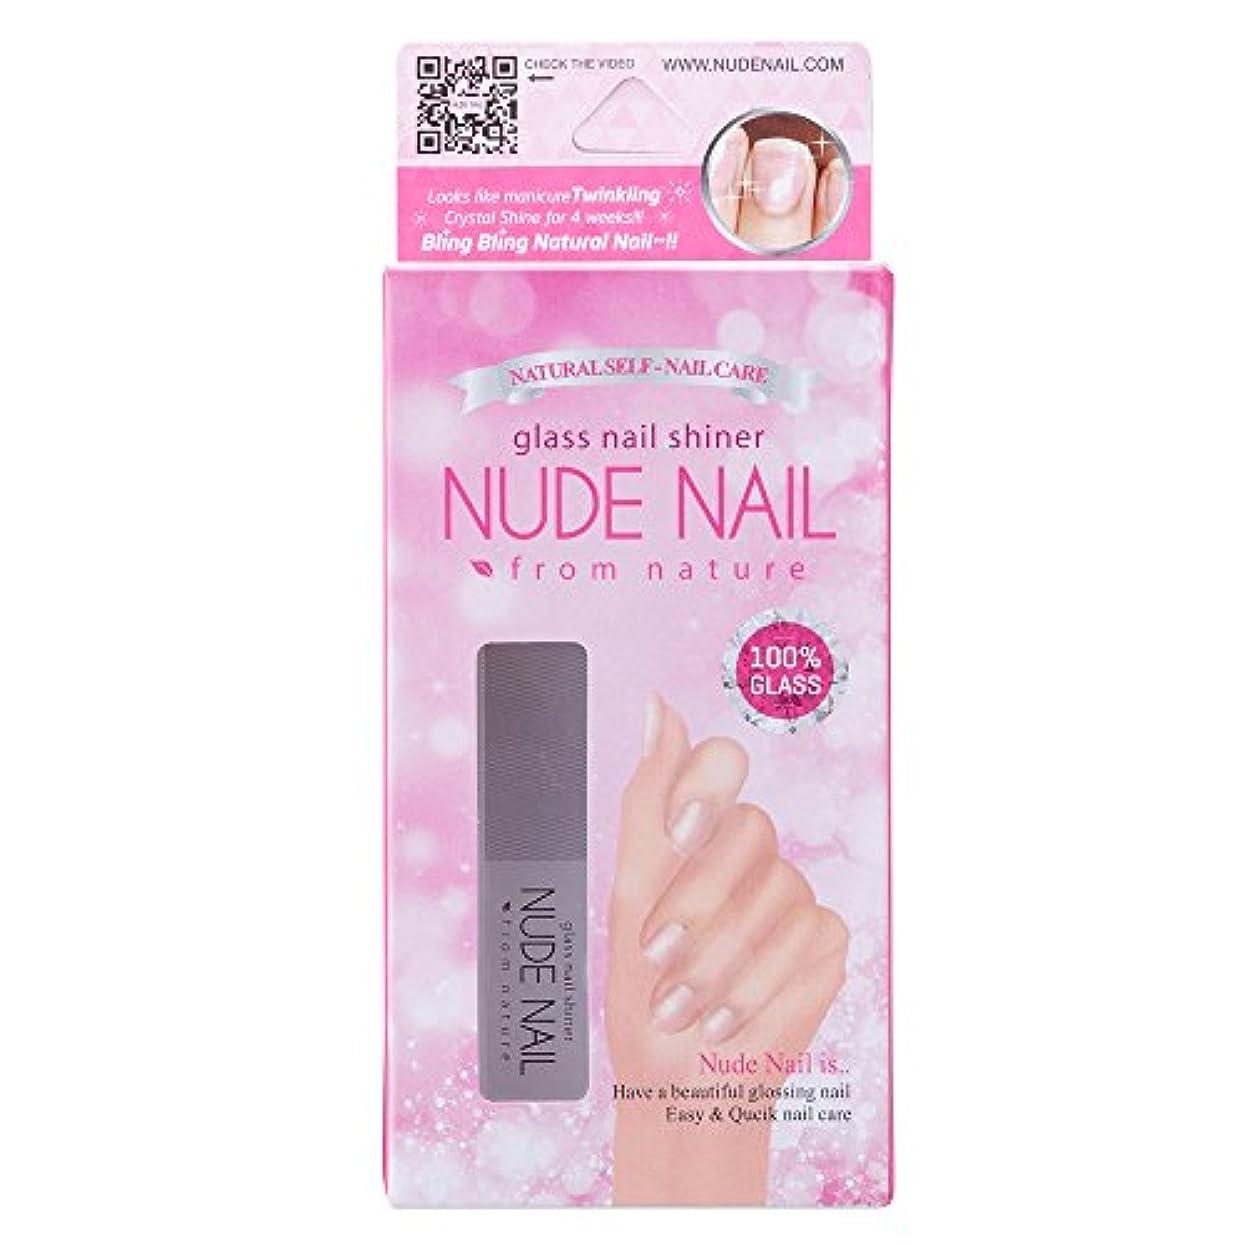 雨の上にまだヌードネイル グラス ネイル シャイナー ガラス製爪ヤスリ NUDE NAIL glass nail shiner